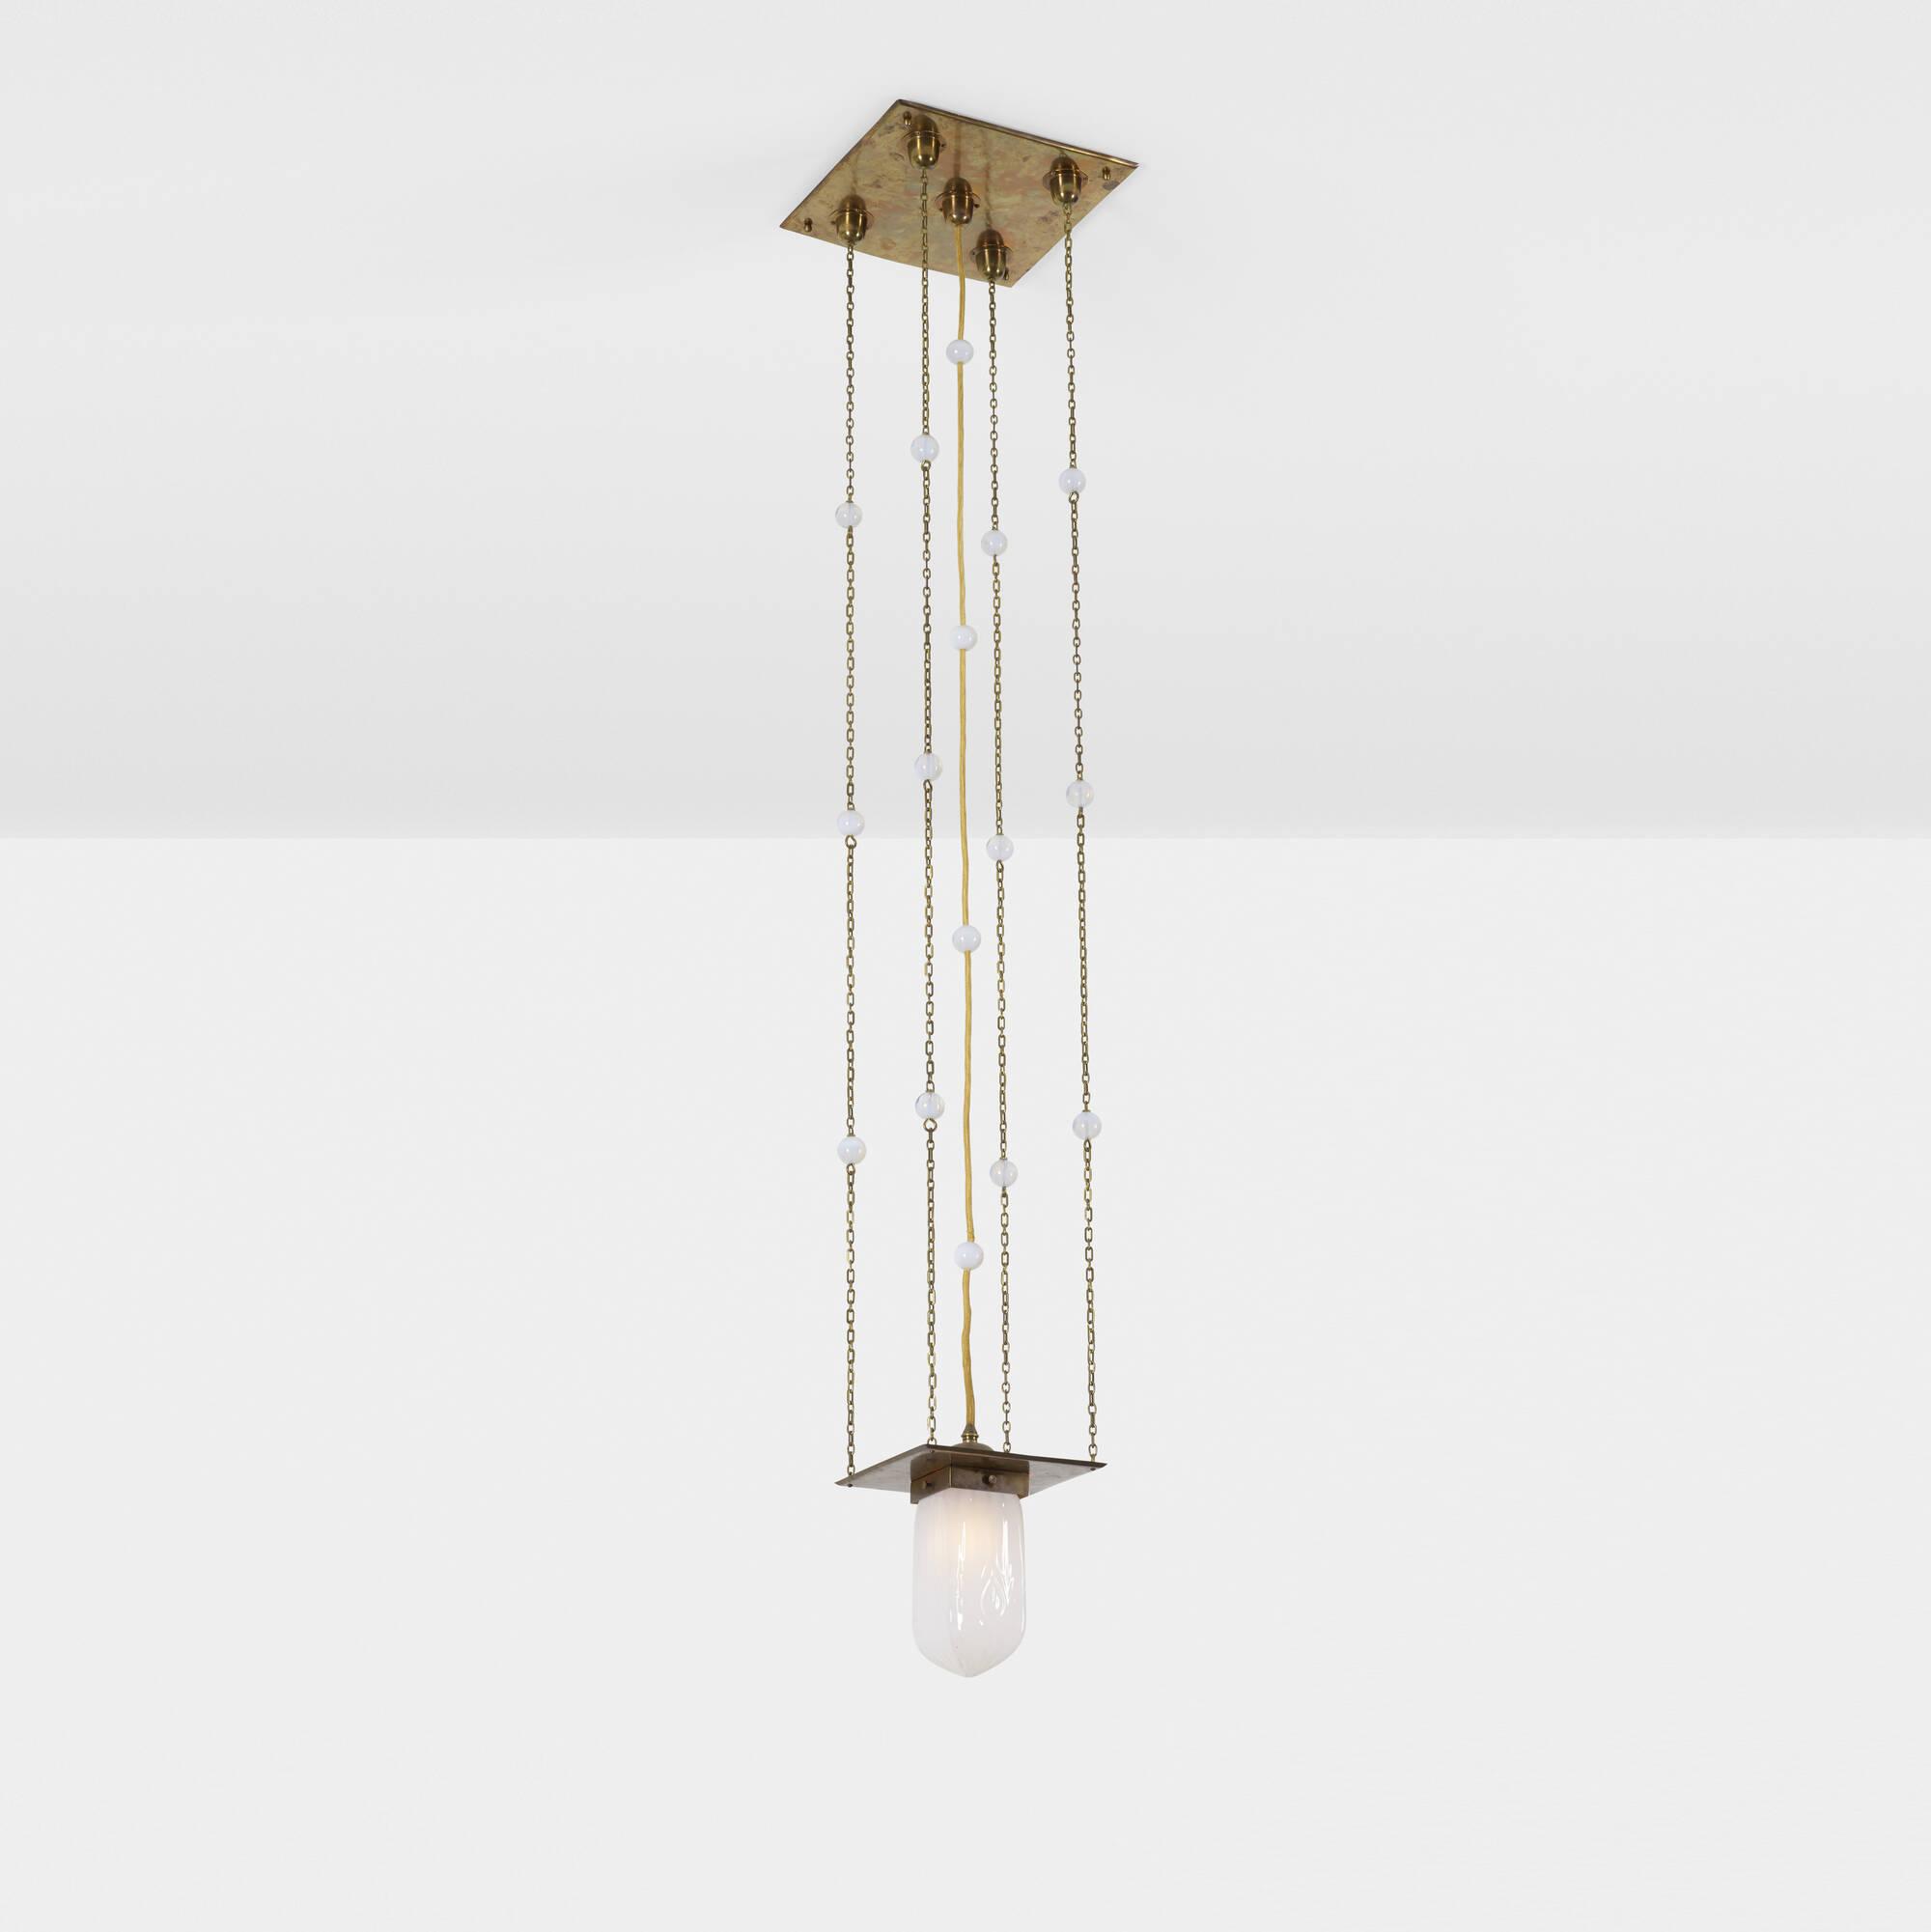 252: Koloman Moser, attribution / ceiling light (1 of 1)